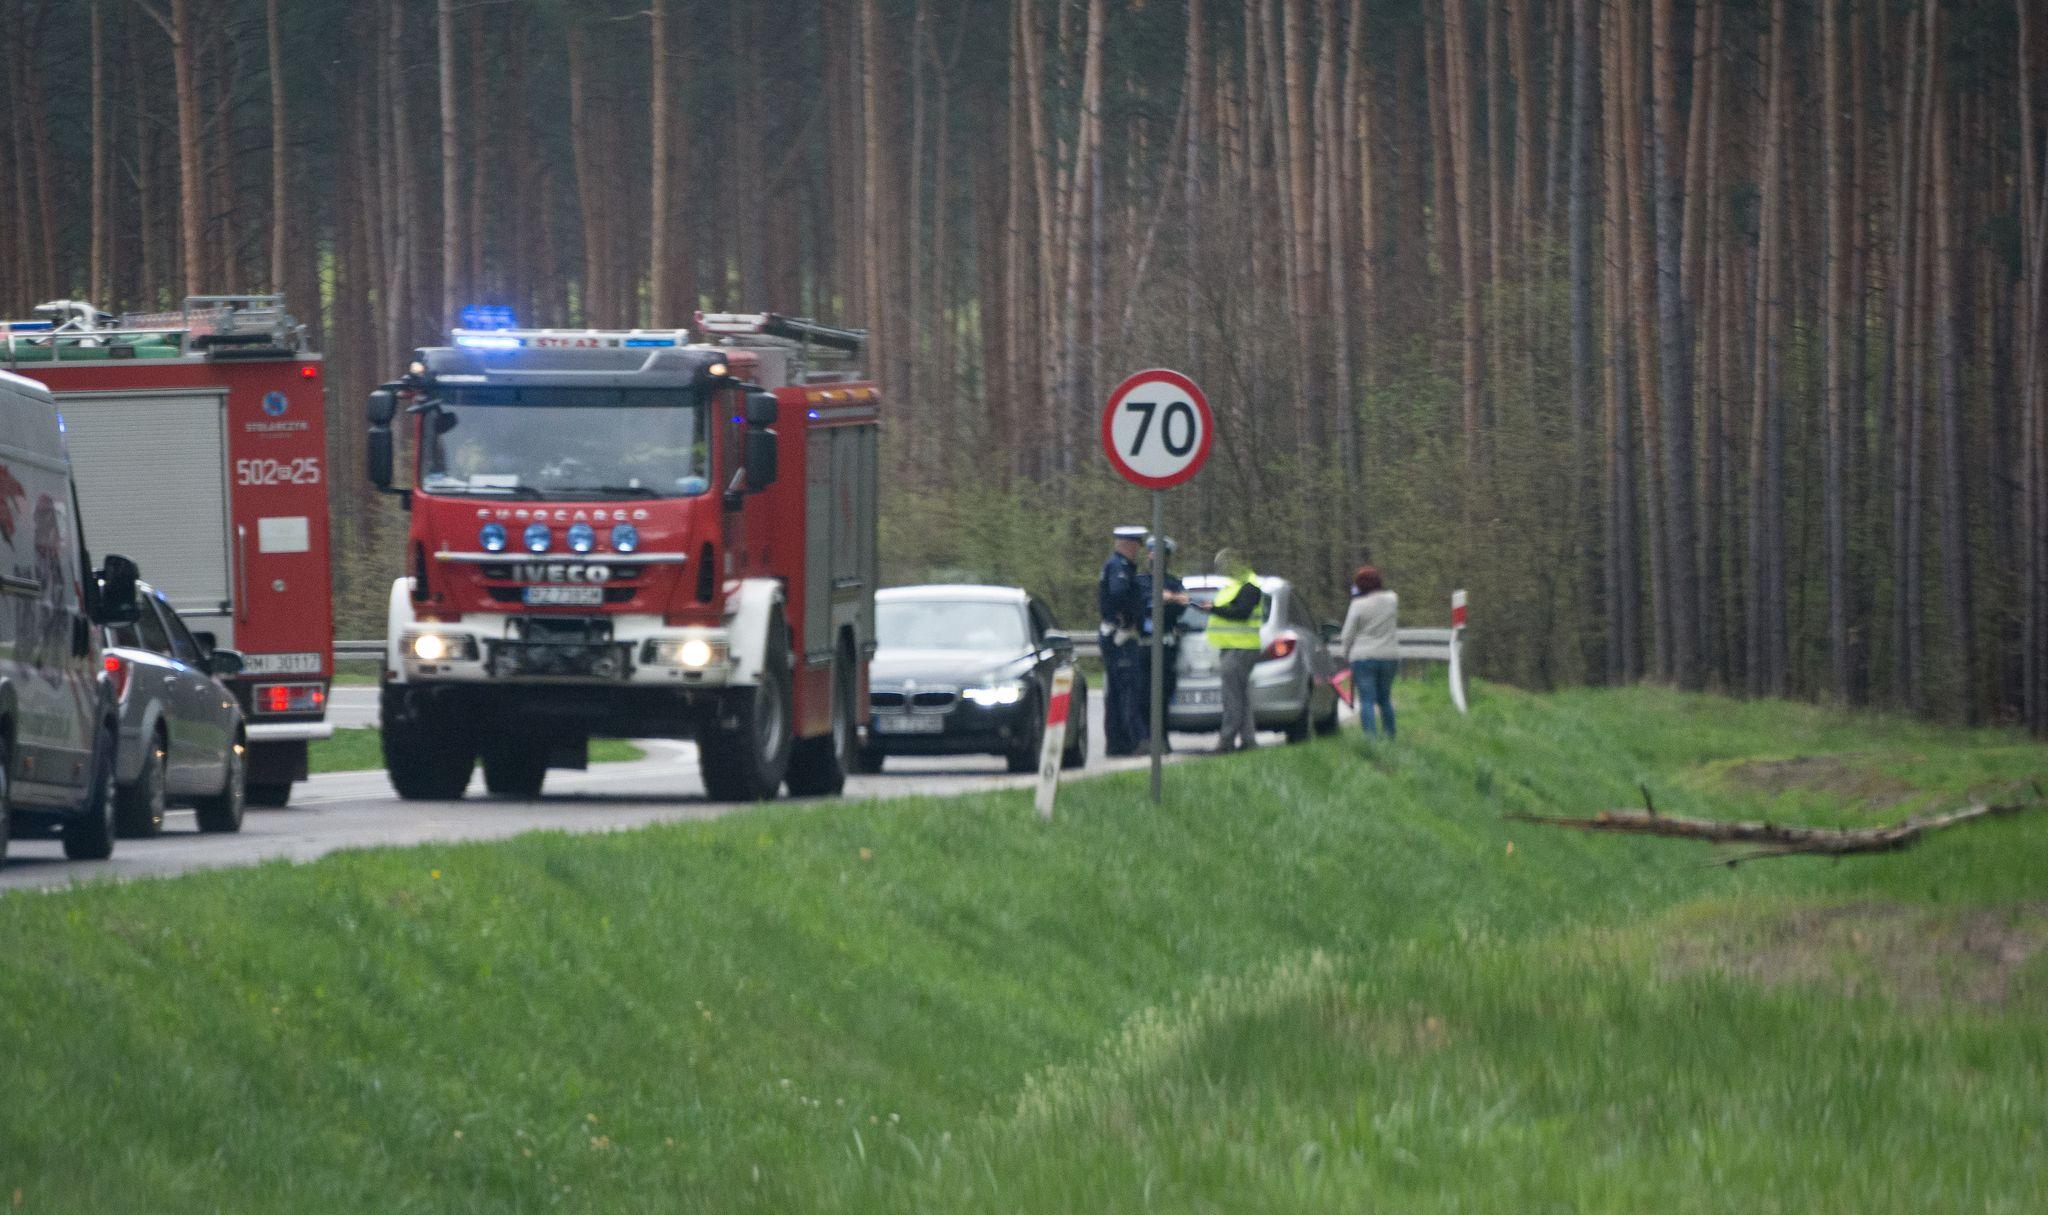 Drzewo spadło na przejeżdżający samochód [ZDJĘCIA] - Zdjęcie główne